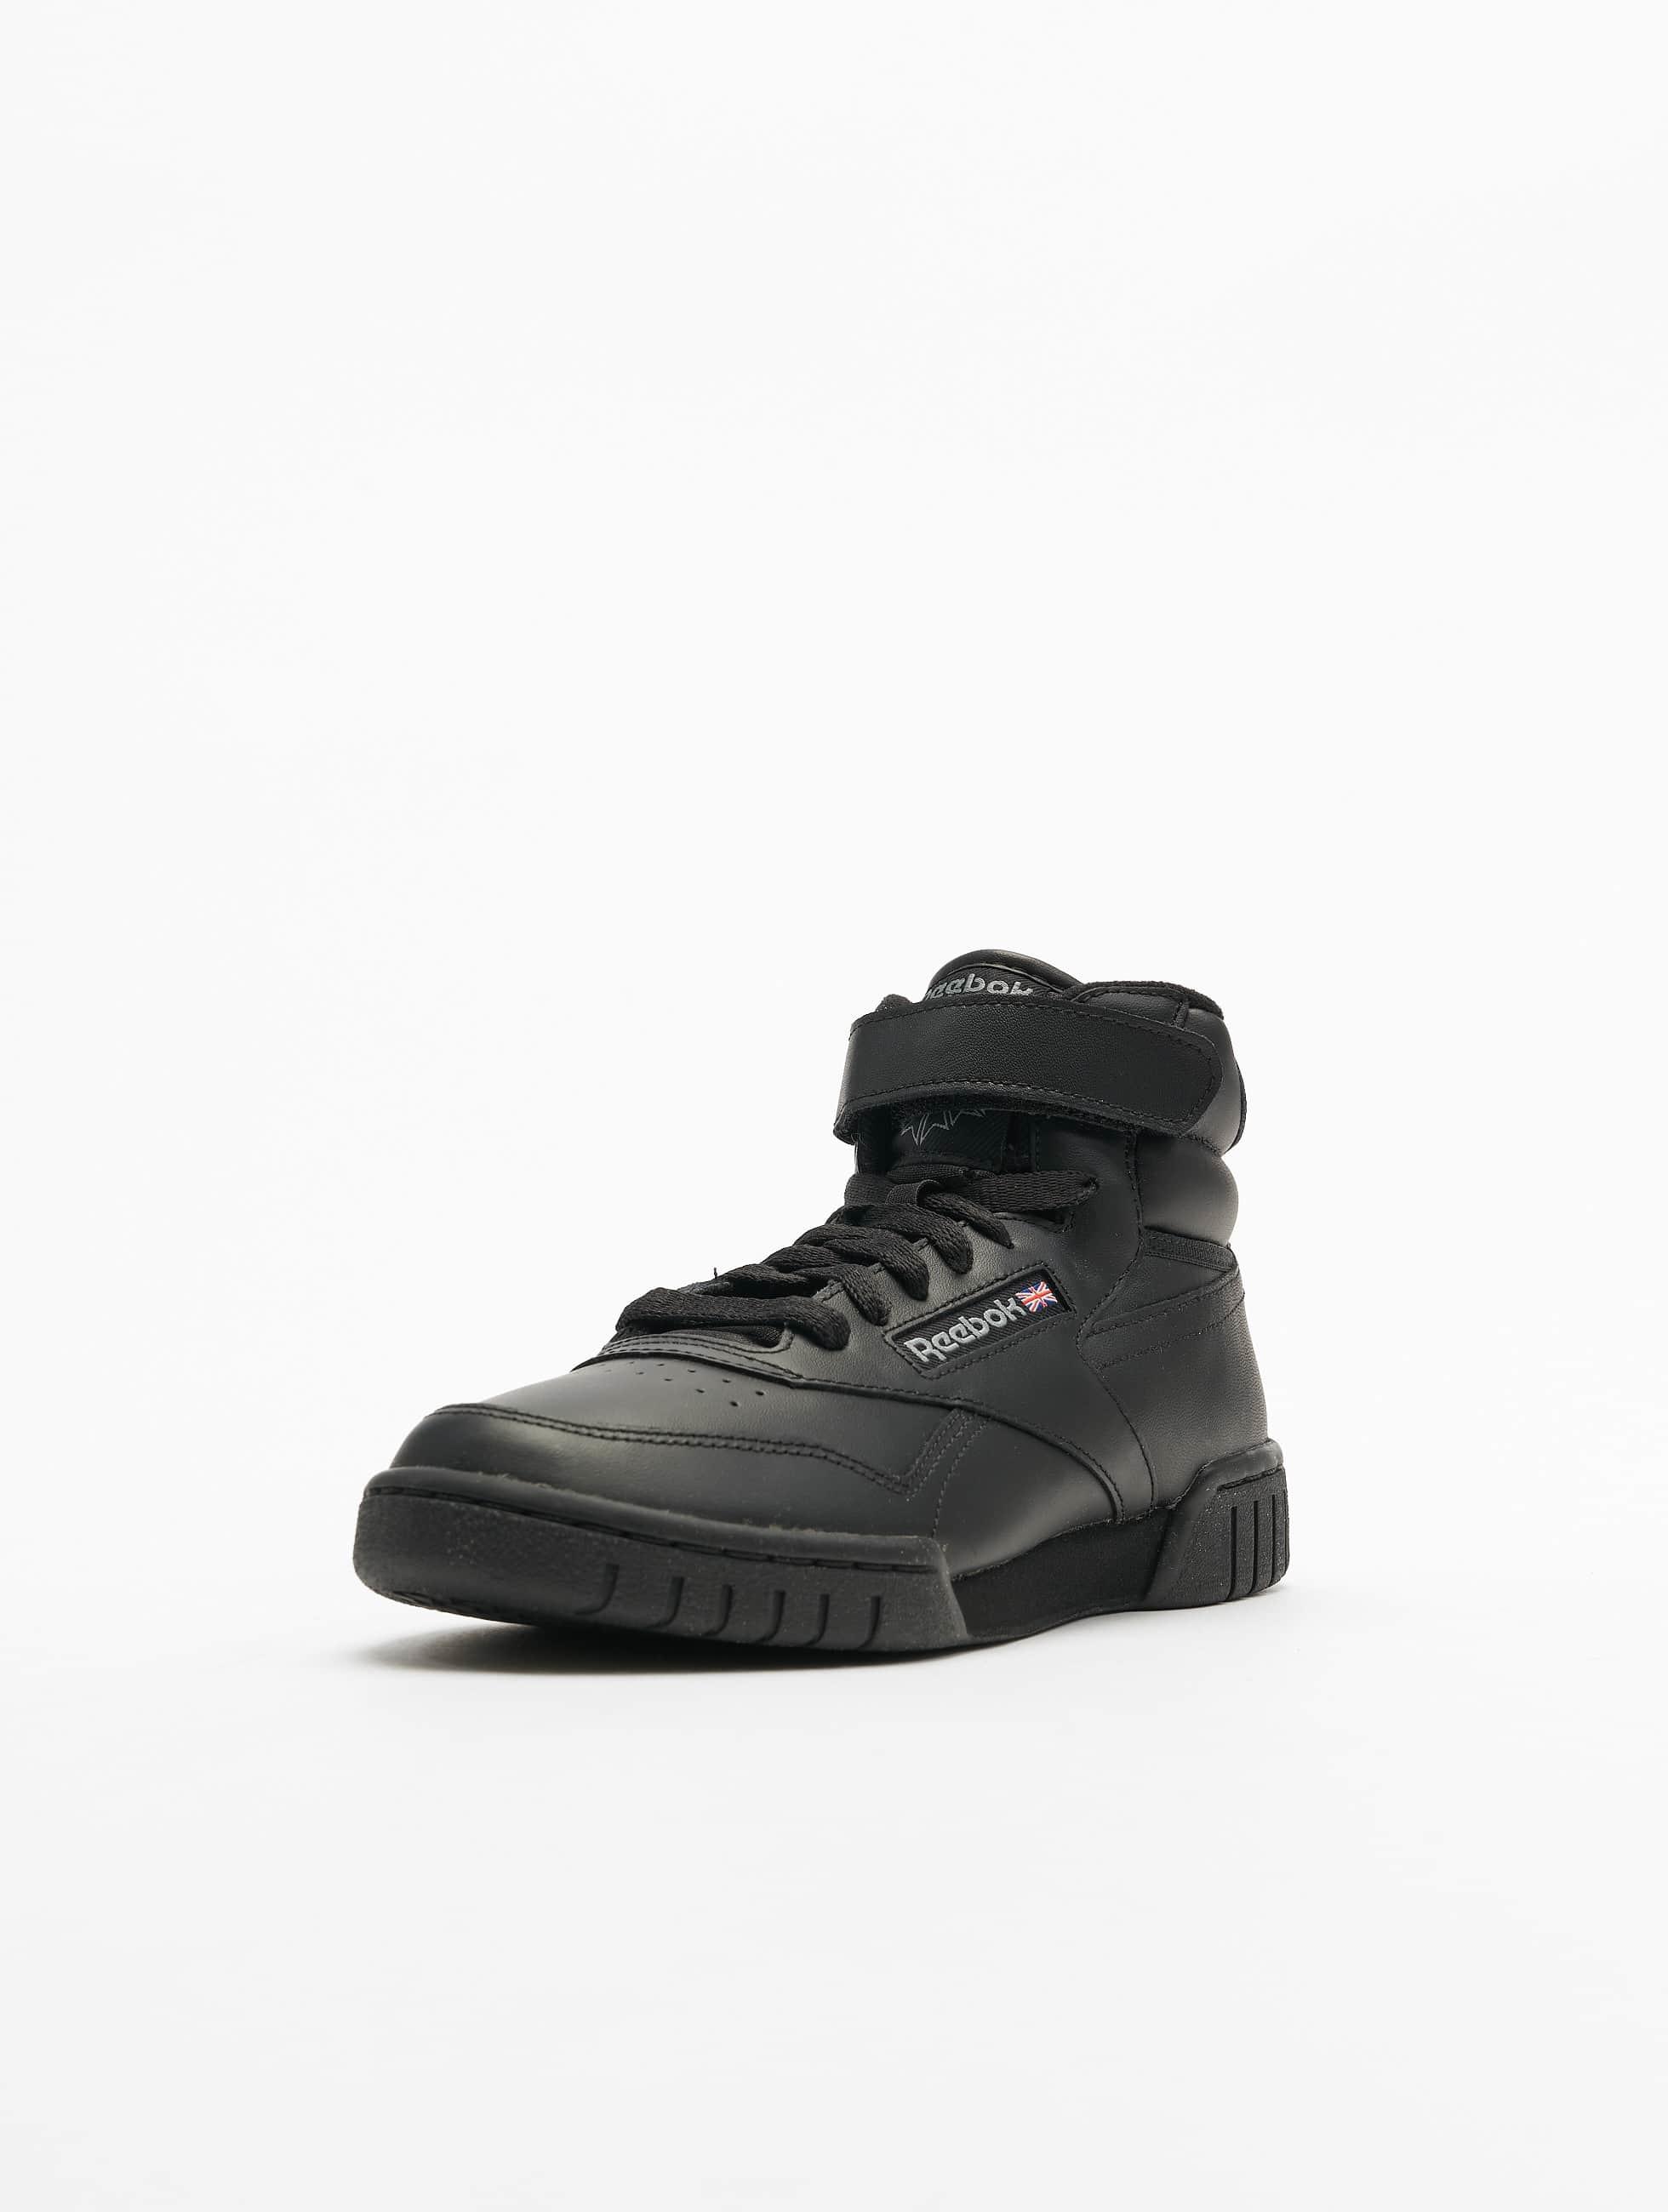 Reebok Сникеры Exofit Hi Basketball Shoes черный